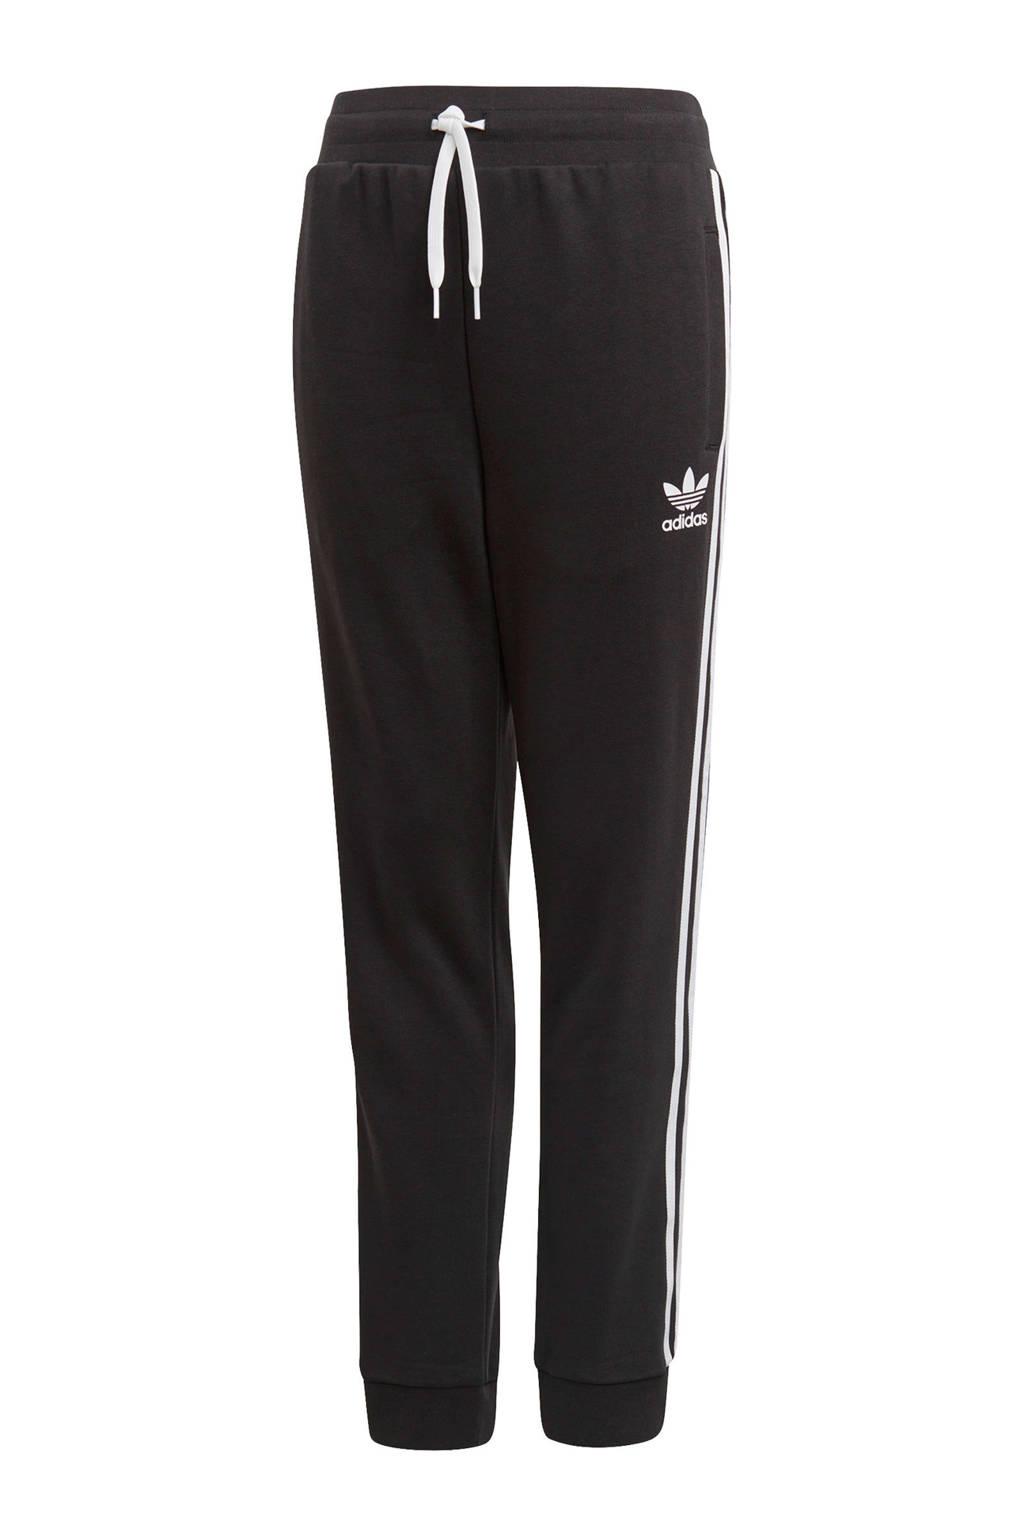 adidas Originals joggingbroek zwart, Zwart/wit